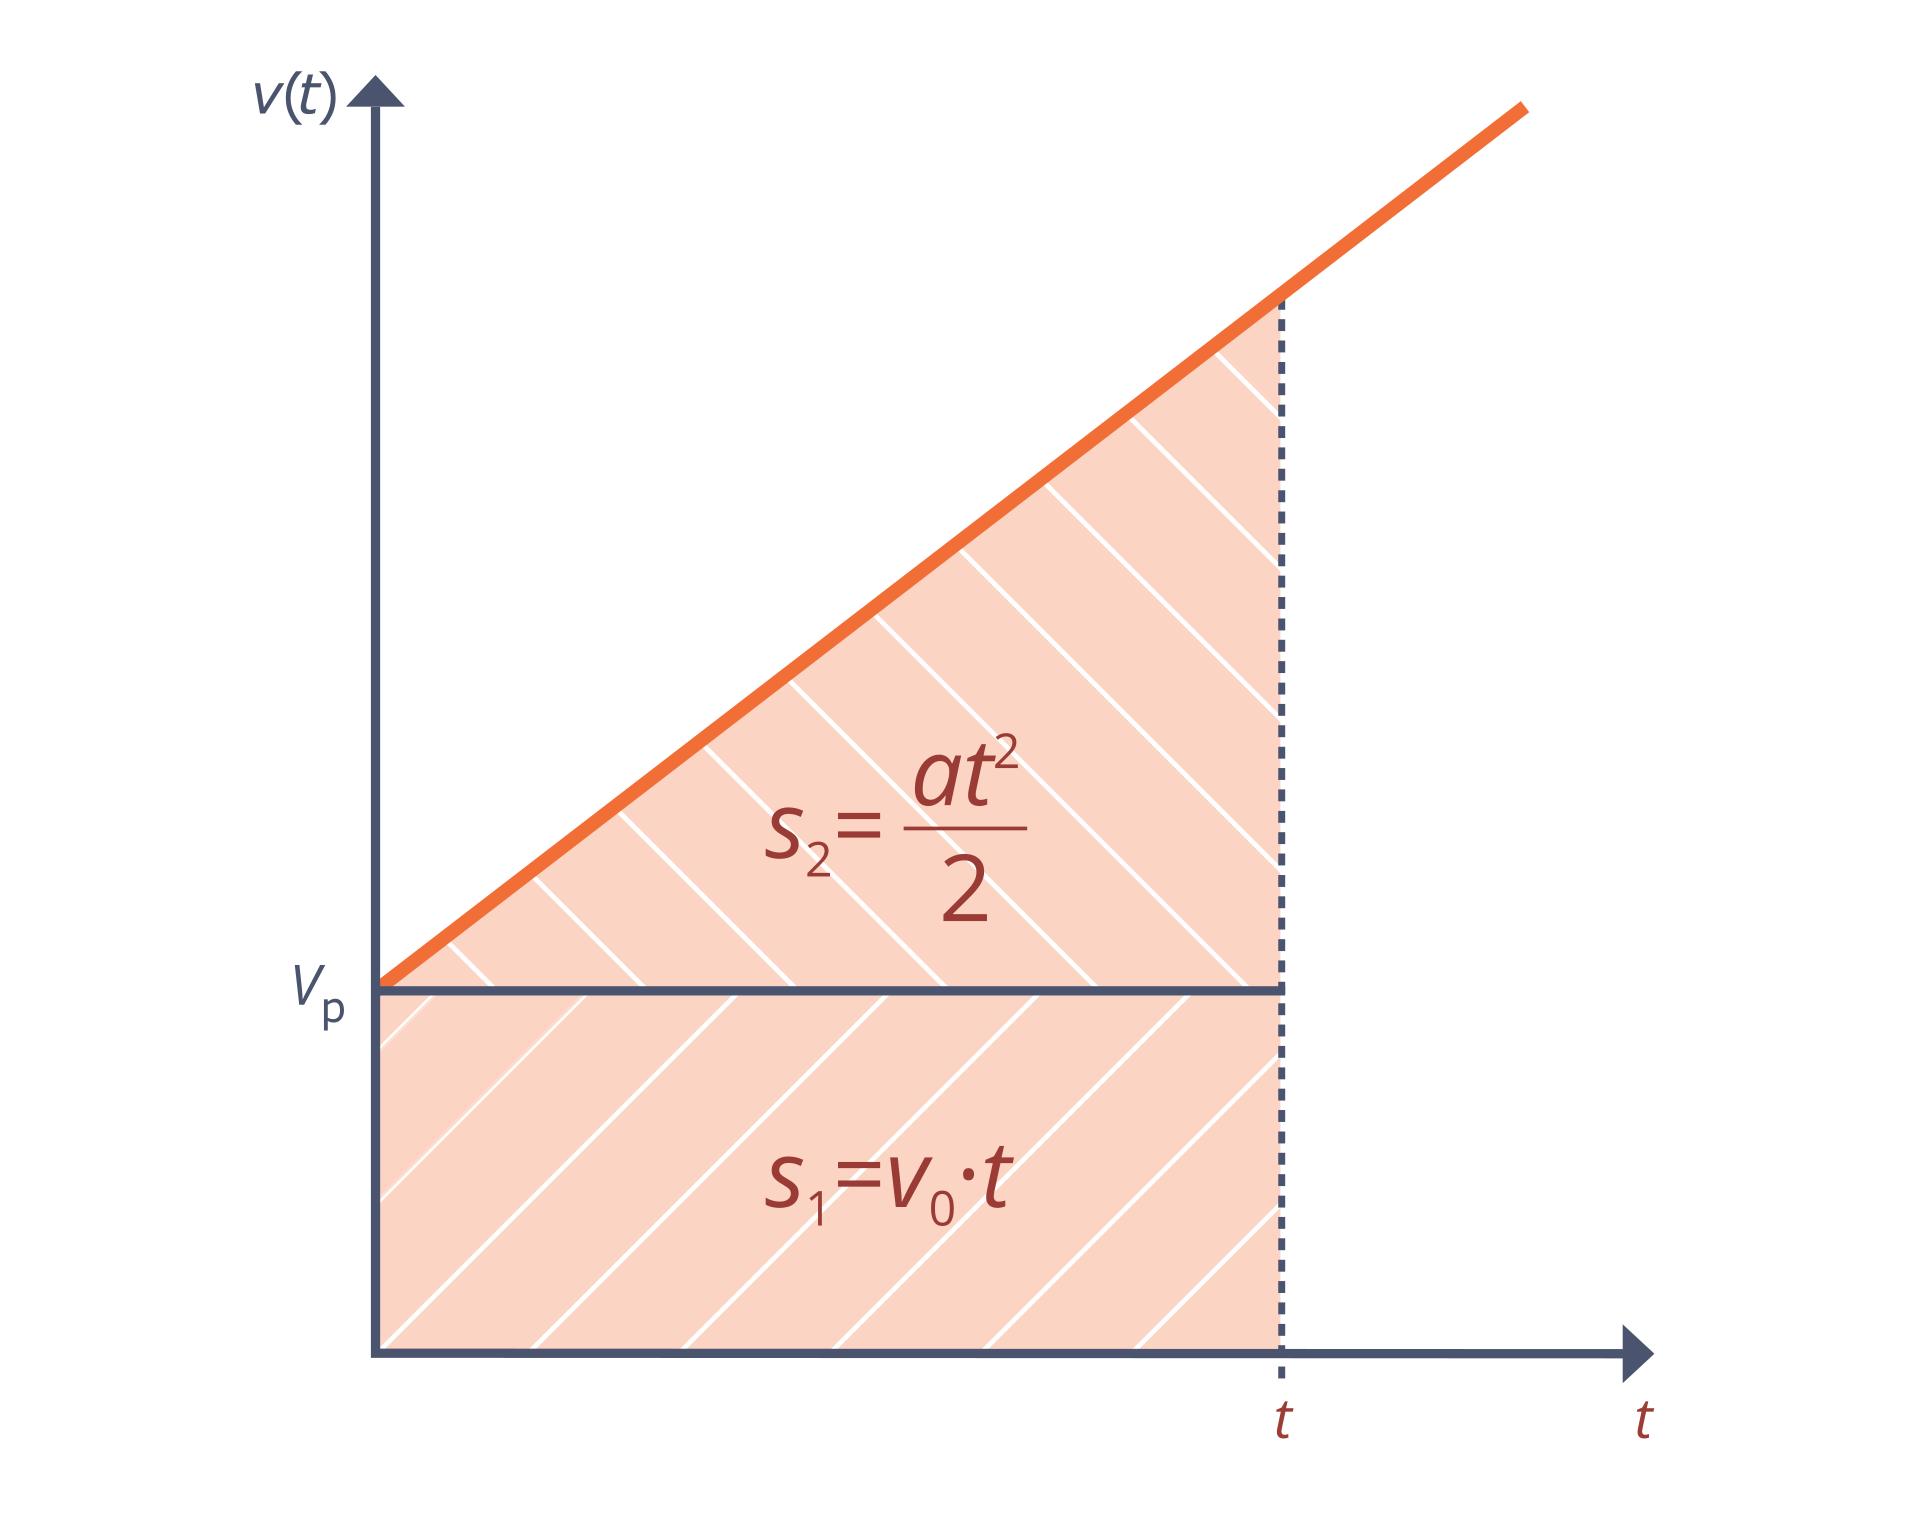 """Schemat przedstawia wykres. Tło białe. Oś odciętych opisane """"t"""". Oś rzędnych opisane """"v (t)"""". Na wykresie narysowano pomarańczowy prostokąt itrójkąt prostokątny. Na osi odciętych zaznaczono punkt t, na osi rzędnych punkt vk. Prostokąt lewy dolny róg ma wpoczątku układu współrzędnych. Wysokość od (0, 0) do (0, vk). Dłuższa przyprostokątna trójkąta pokrywa się zdłuższym, górnym bokiem prostokąta. Punkt vk jest wierzchołkiem trójkąta. Trójkąt zprostokątem tworzą trapez prostokątny. Krótsza podstawa leży na osi odciętych ima długość vk. Wewnątrz prostokąta napisano wzór: s₁ = vk • t. Wewnątrz trójkąta napisano wzór: S₂ = (a • tdo kwadratu)/2."""